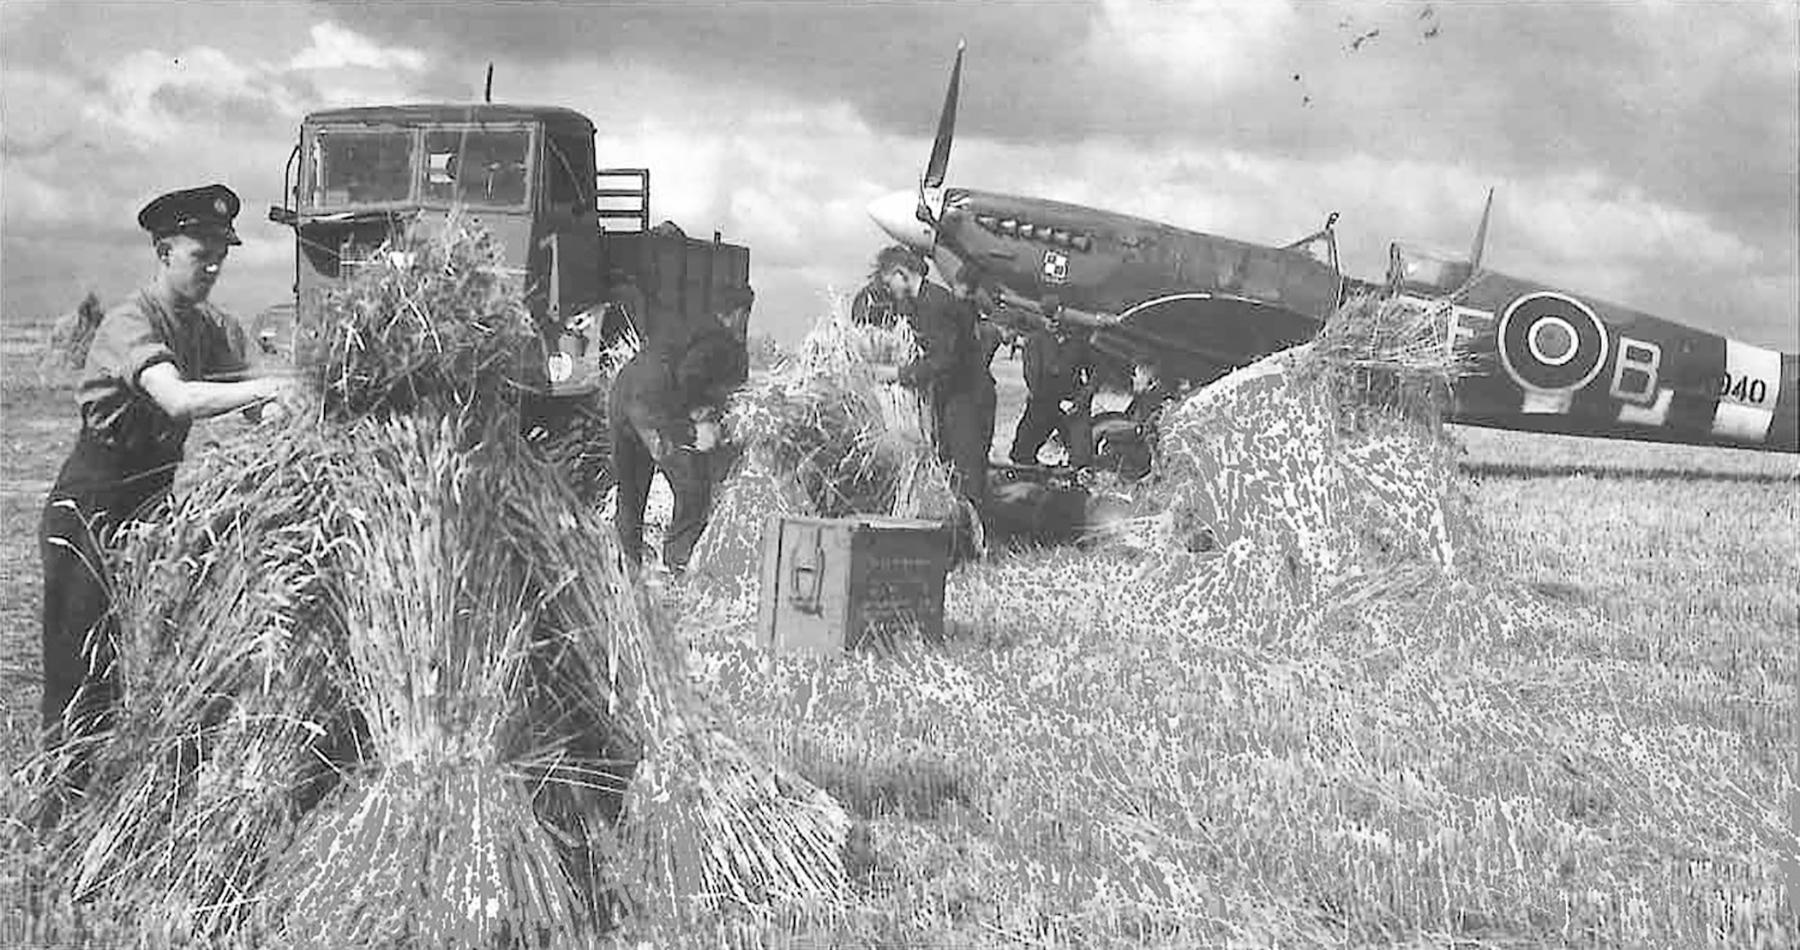 Spitfire LFIX RAF 308Sqn ZFB MK940 late 1944 Militaria (61) 2014